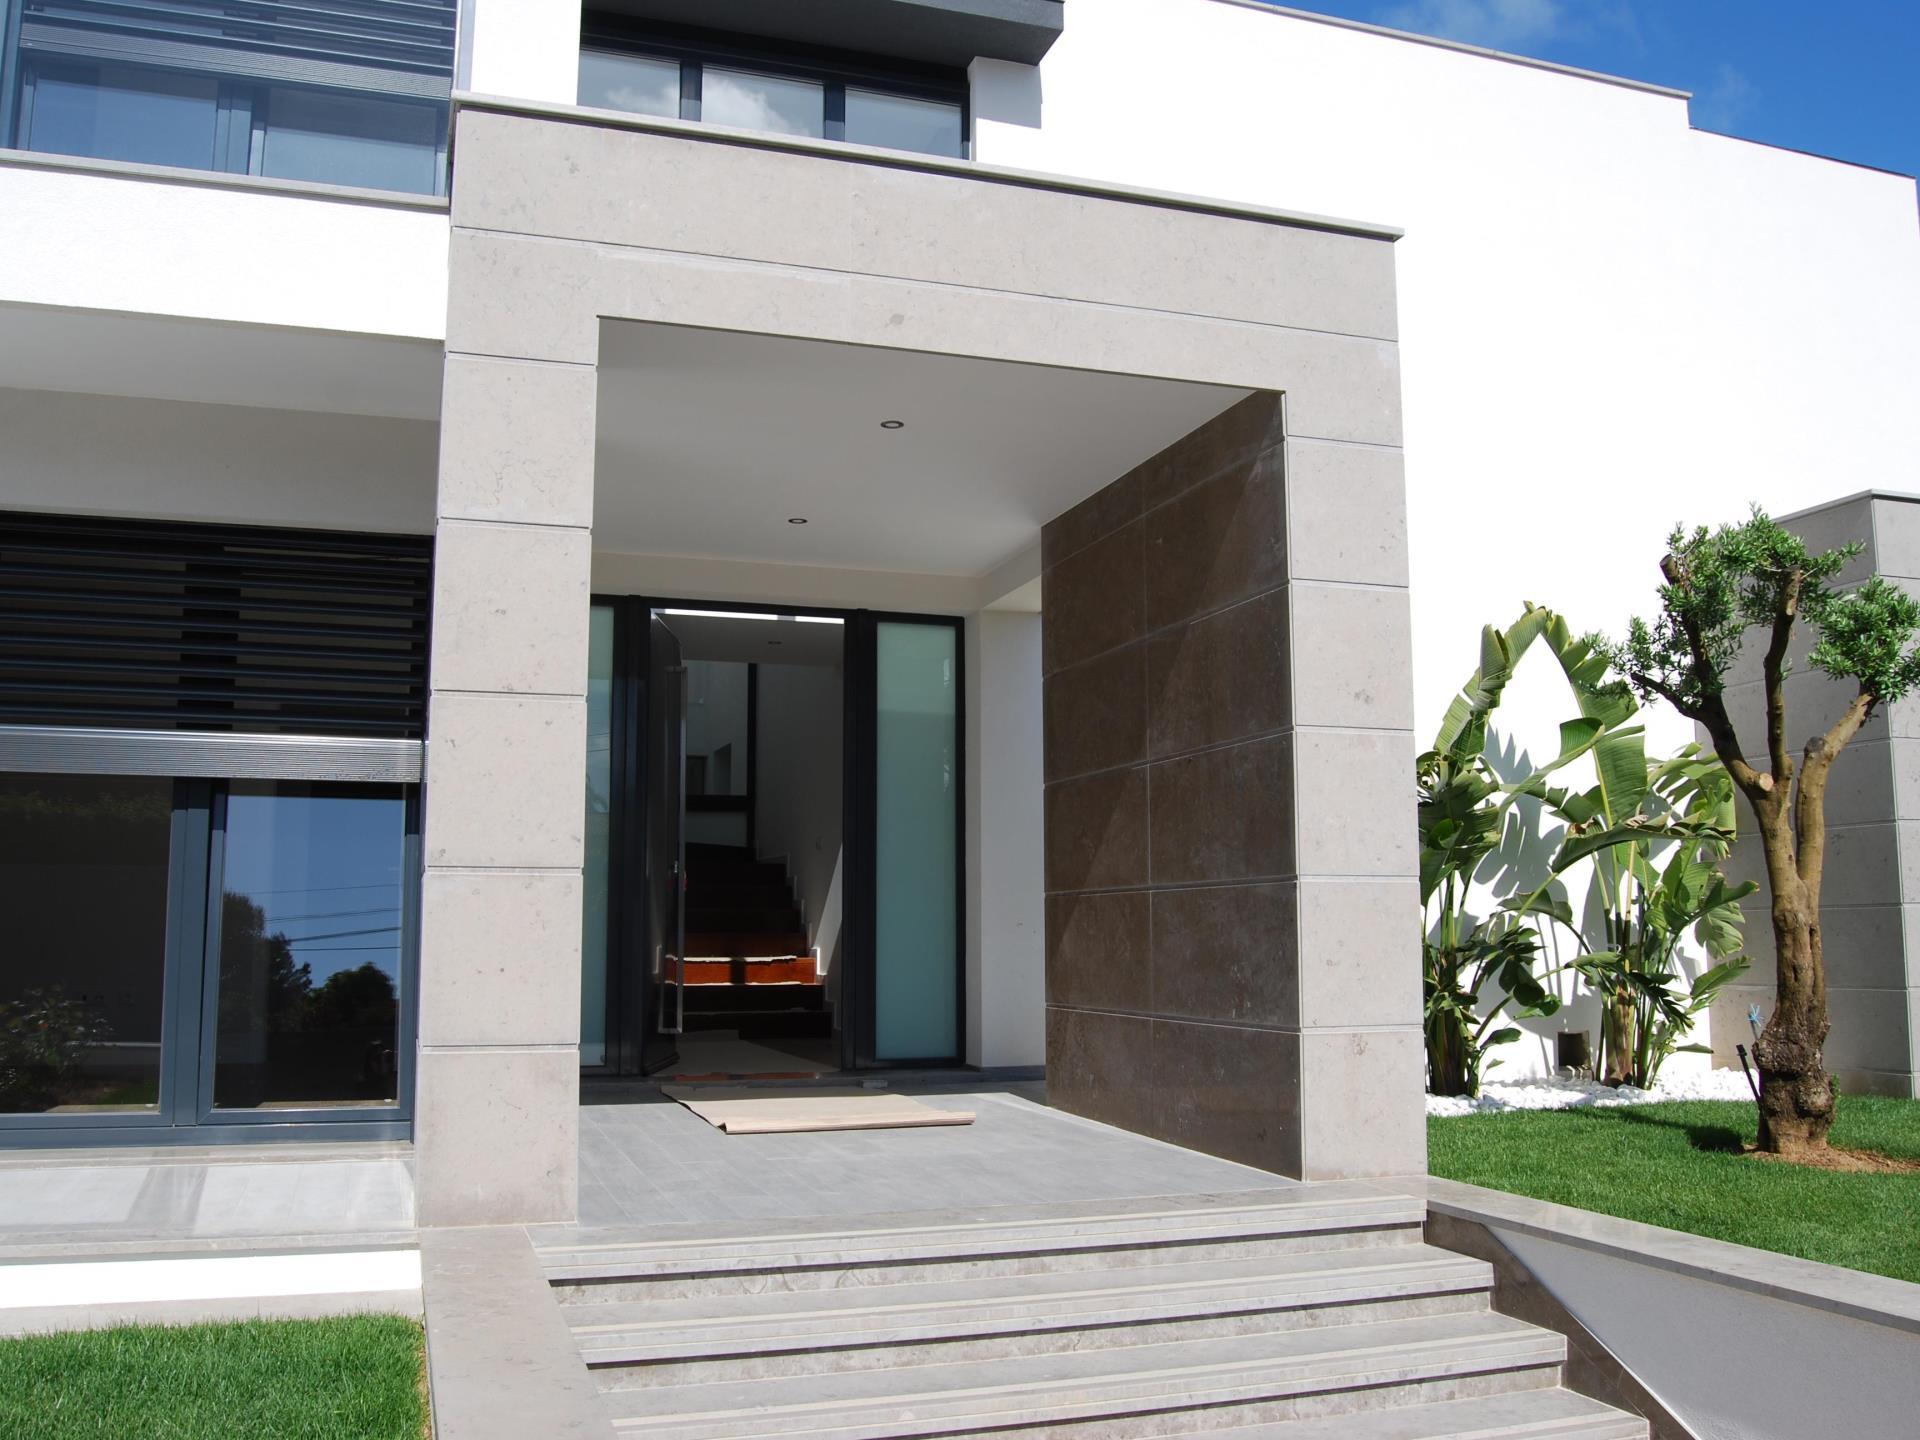 Maison unifamiliale pour l Vente à Detached house, 4 bedrooms, for Sale Birre, Cascais, Lisbonne Portugal